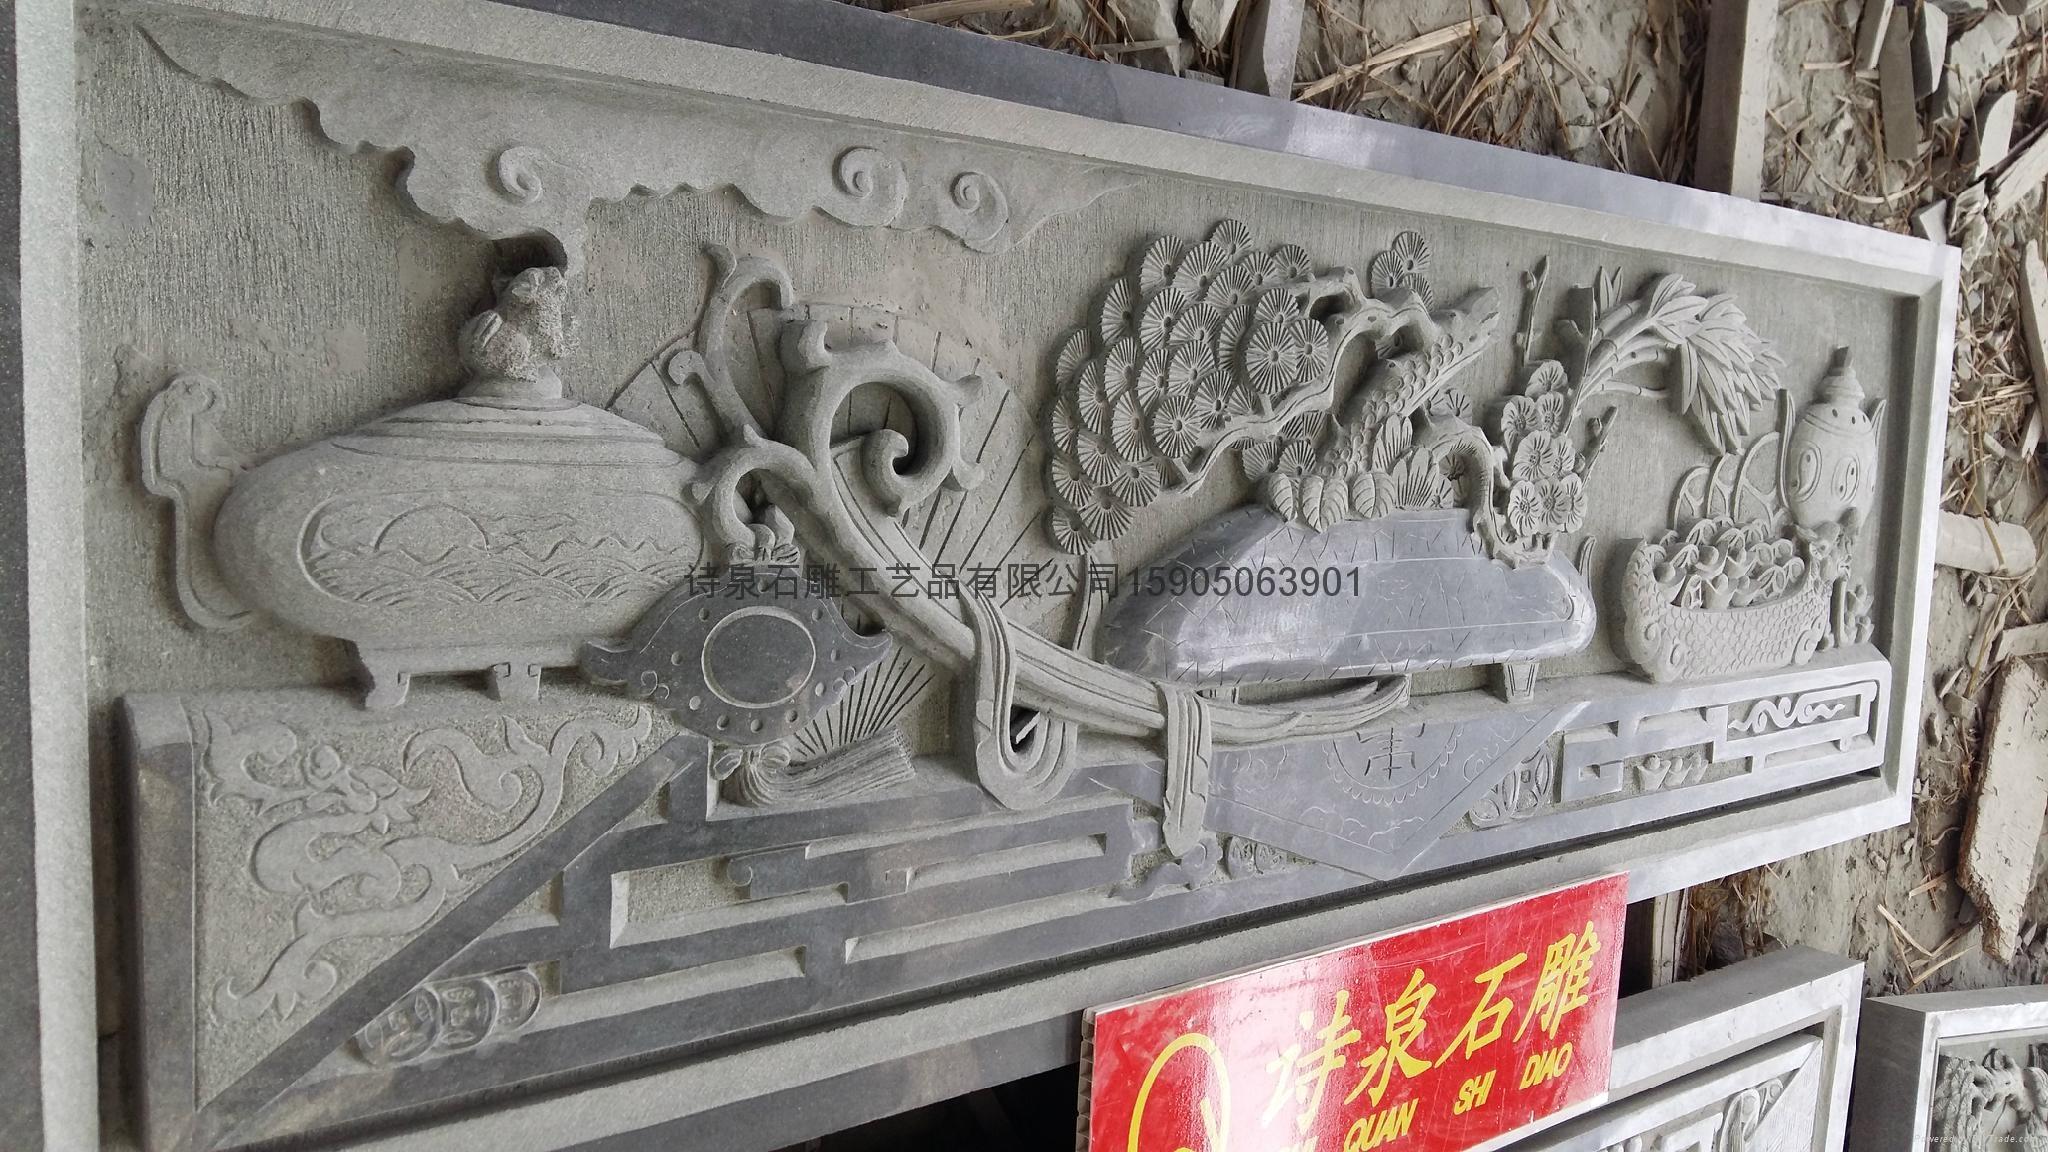 福建石雕廠供應青石浮雕石材雕刻 6